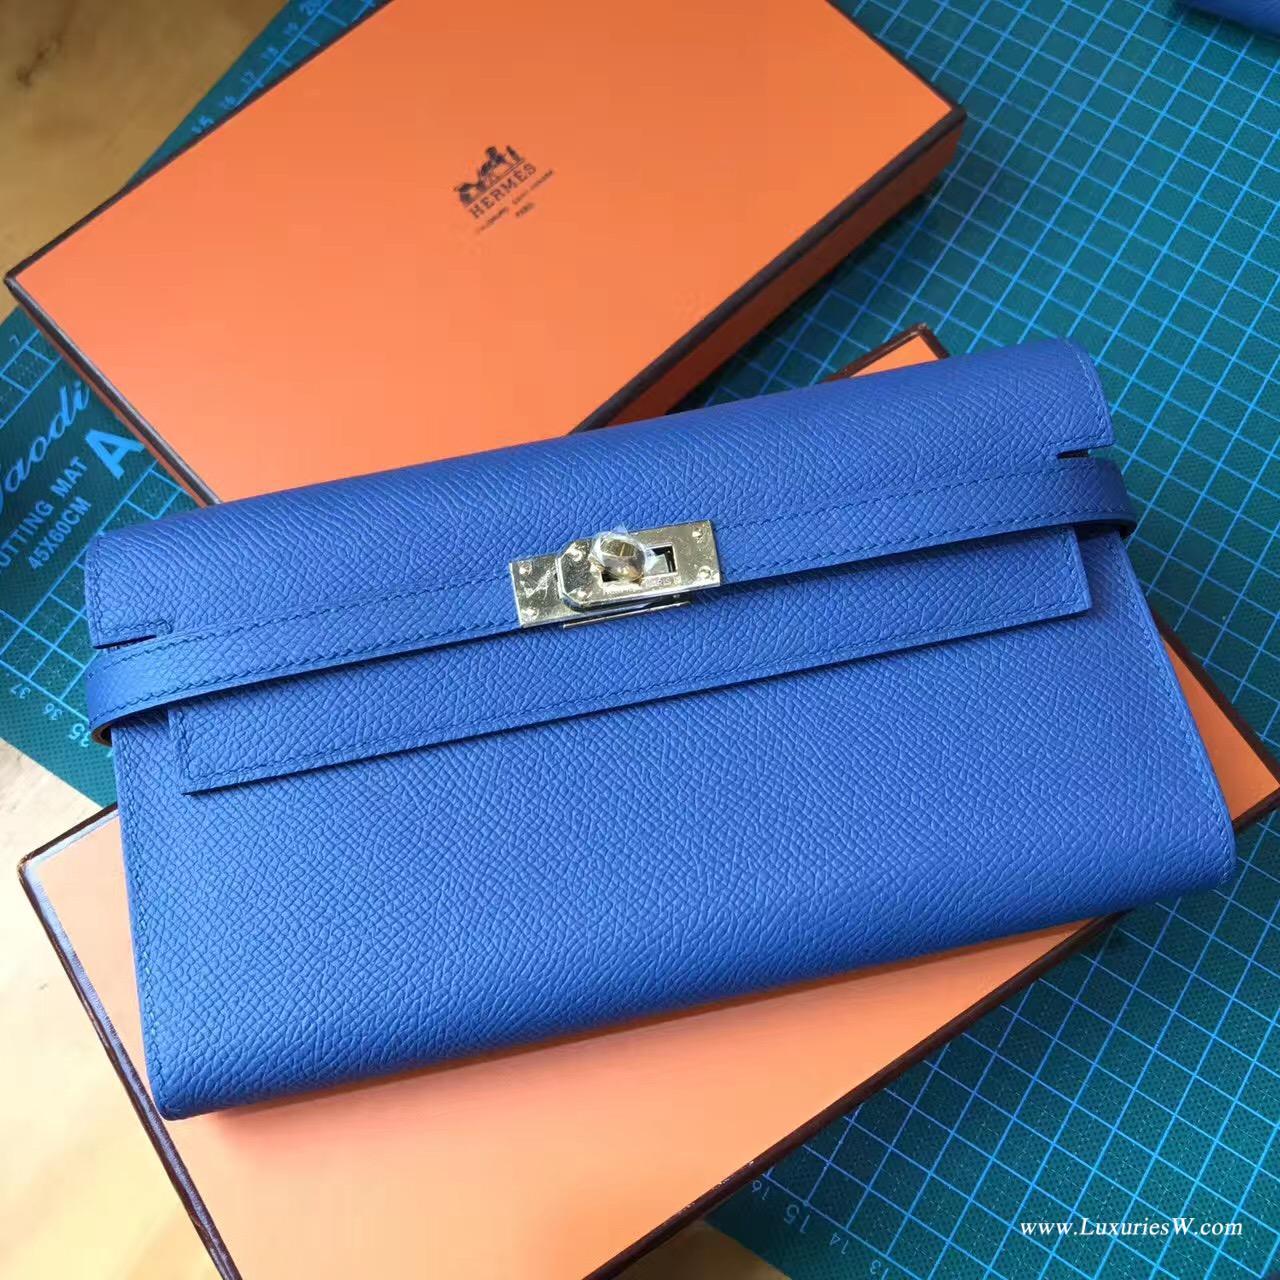 香港黃大仙區黃大仙 愛馬仕凱莉錢包 Hermes Kelly Epsom R2 Blue agate瑪瑙藍色錢夾